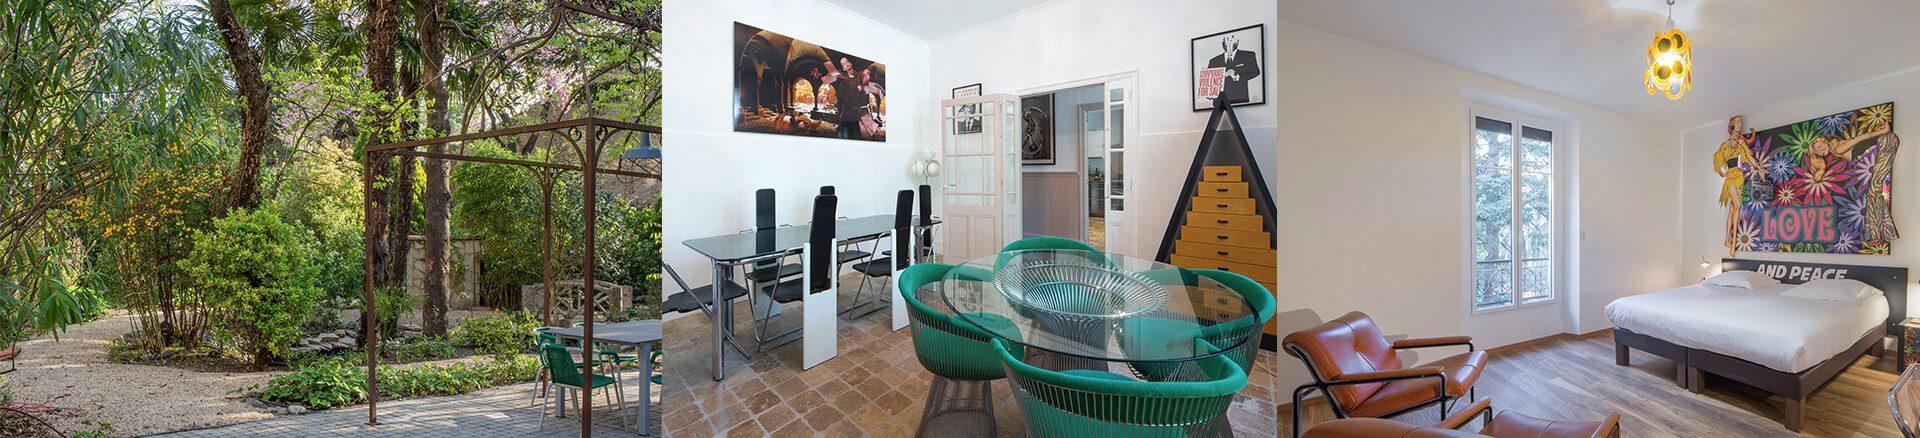 Contacter la Maison Vintage à Carcassonne